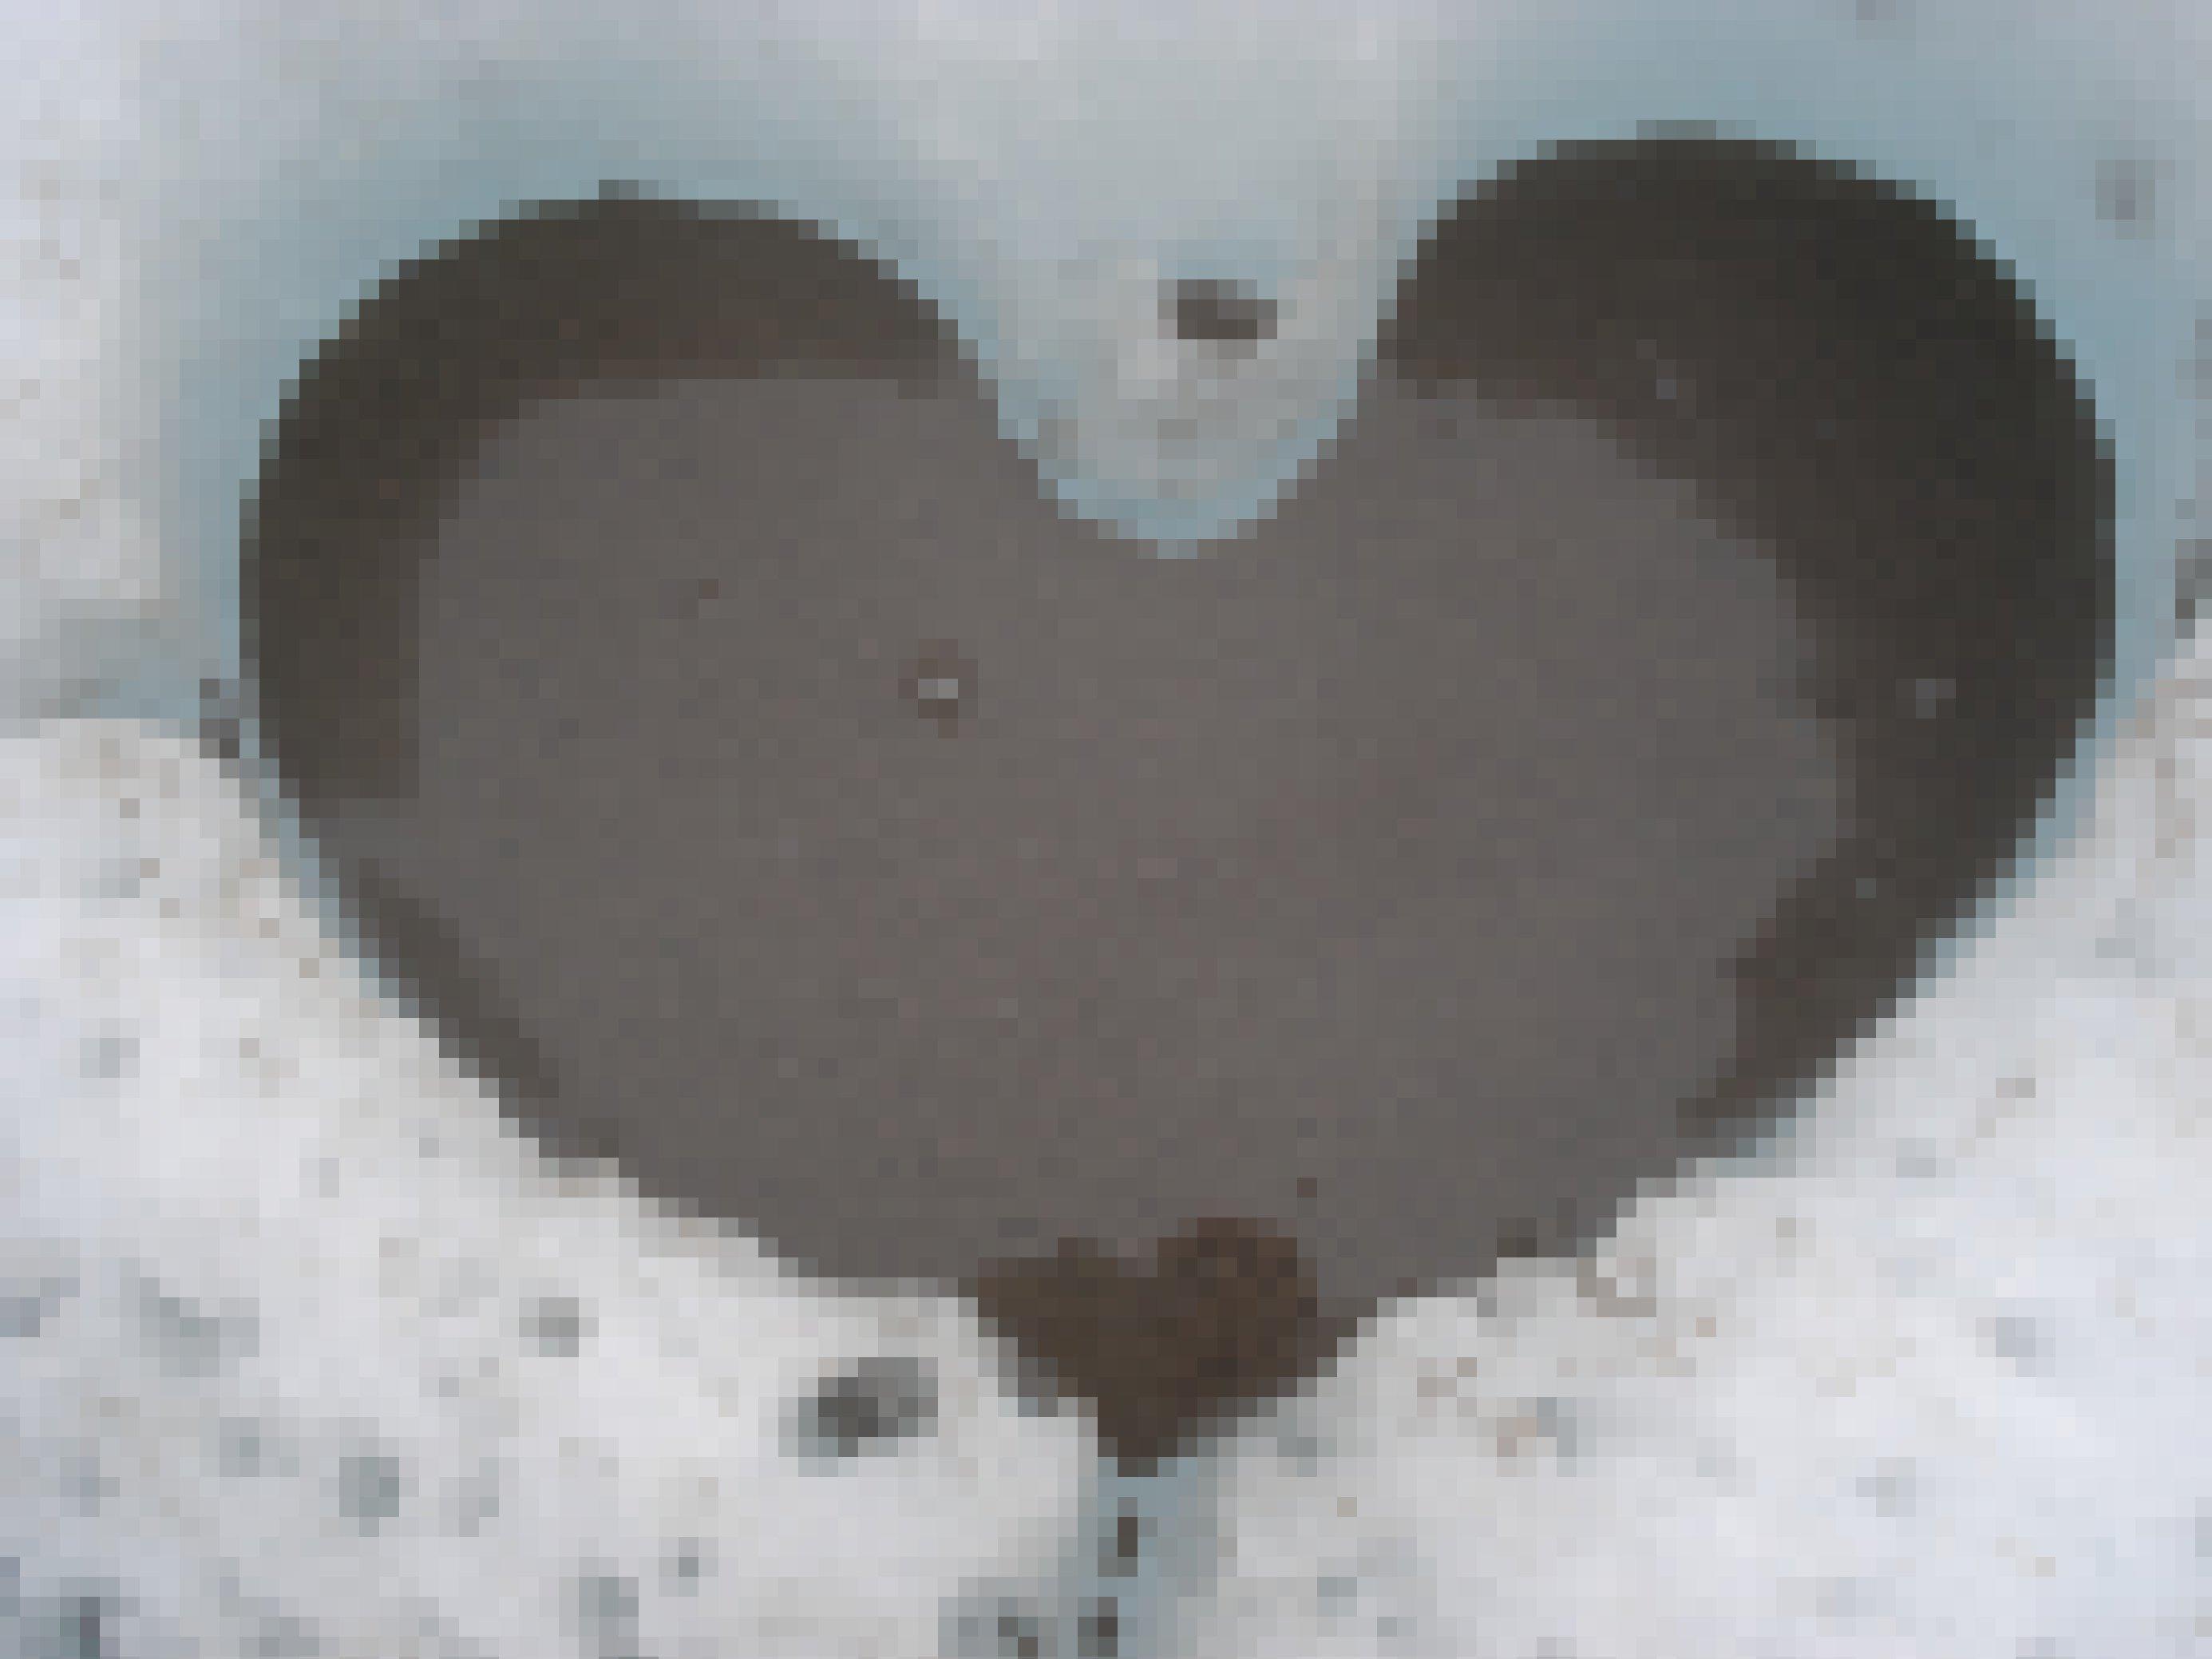 Herzförmige Schmelzvertiefung auf der Gletscheroberfläche, gefüllt mit Wasser und dunklen Krümeln, Kryokonit genannt.